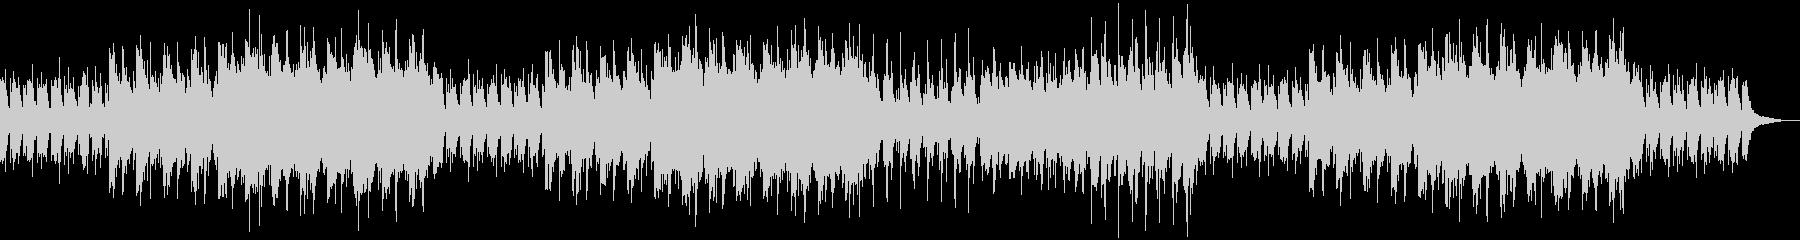 メロディーが美しいバラード調のBGMの未再生の波形